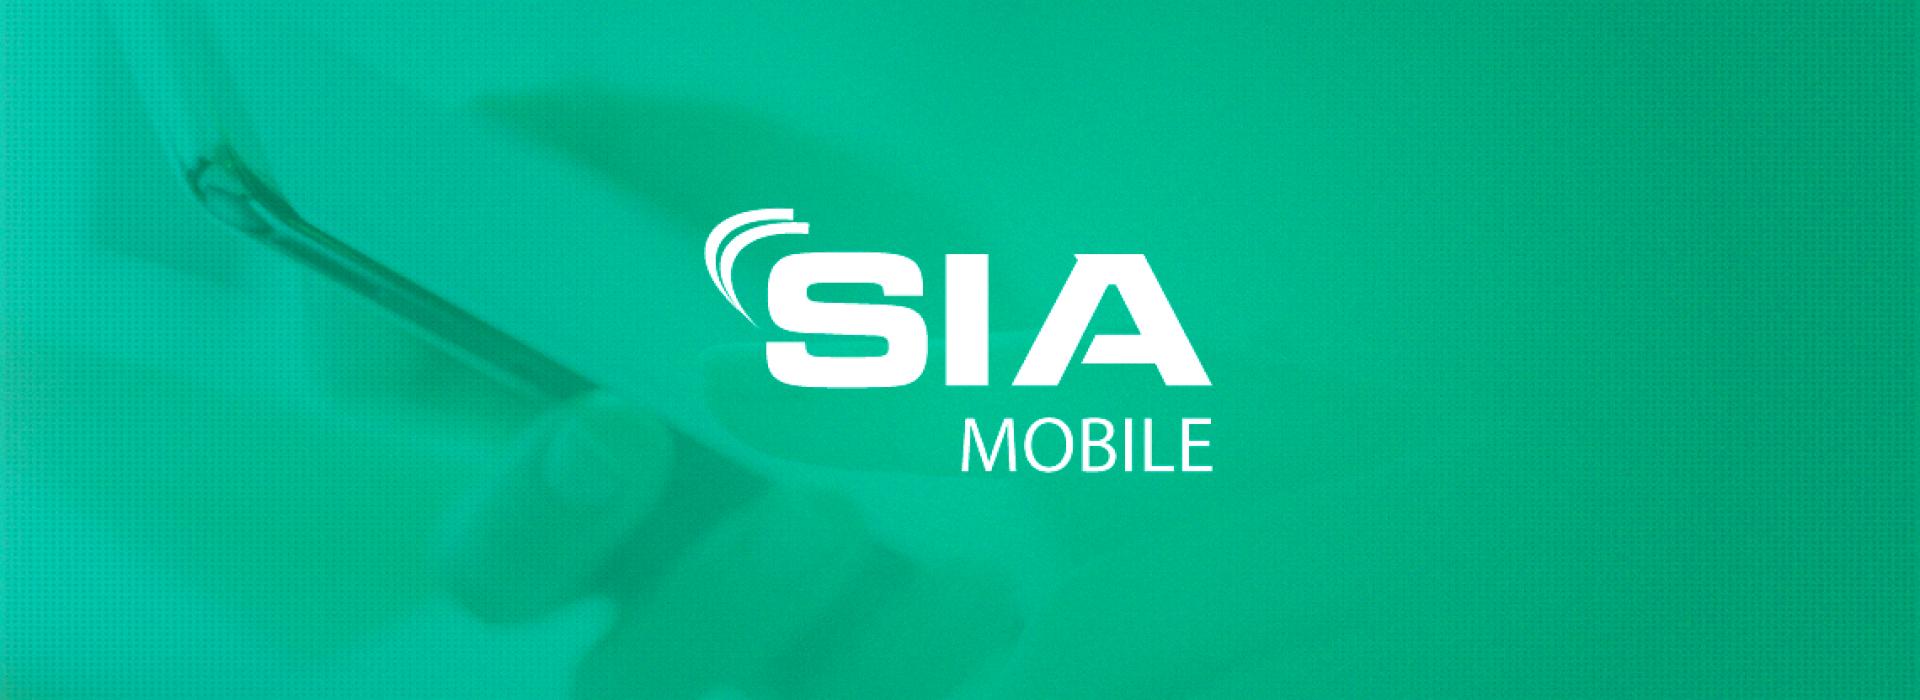 System lança módulo Portal SIA para gestão empresarial